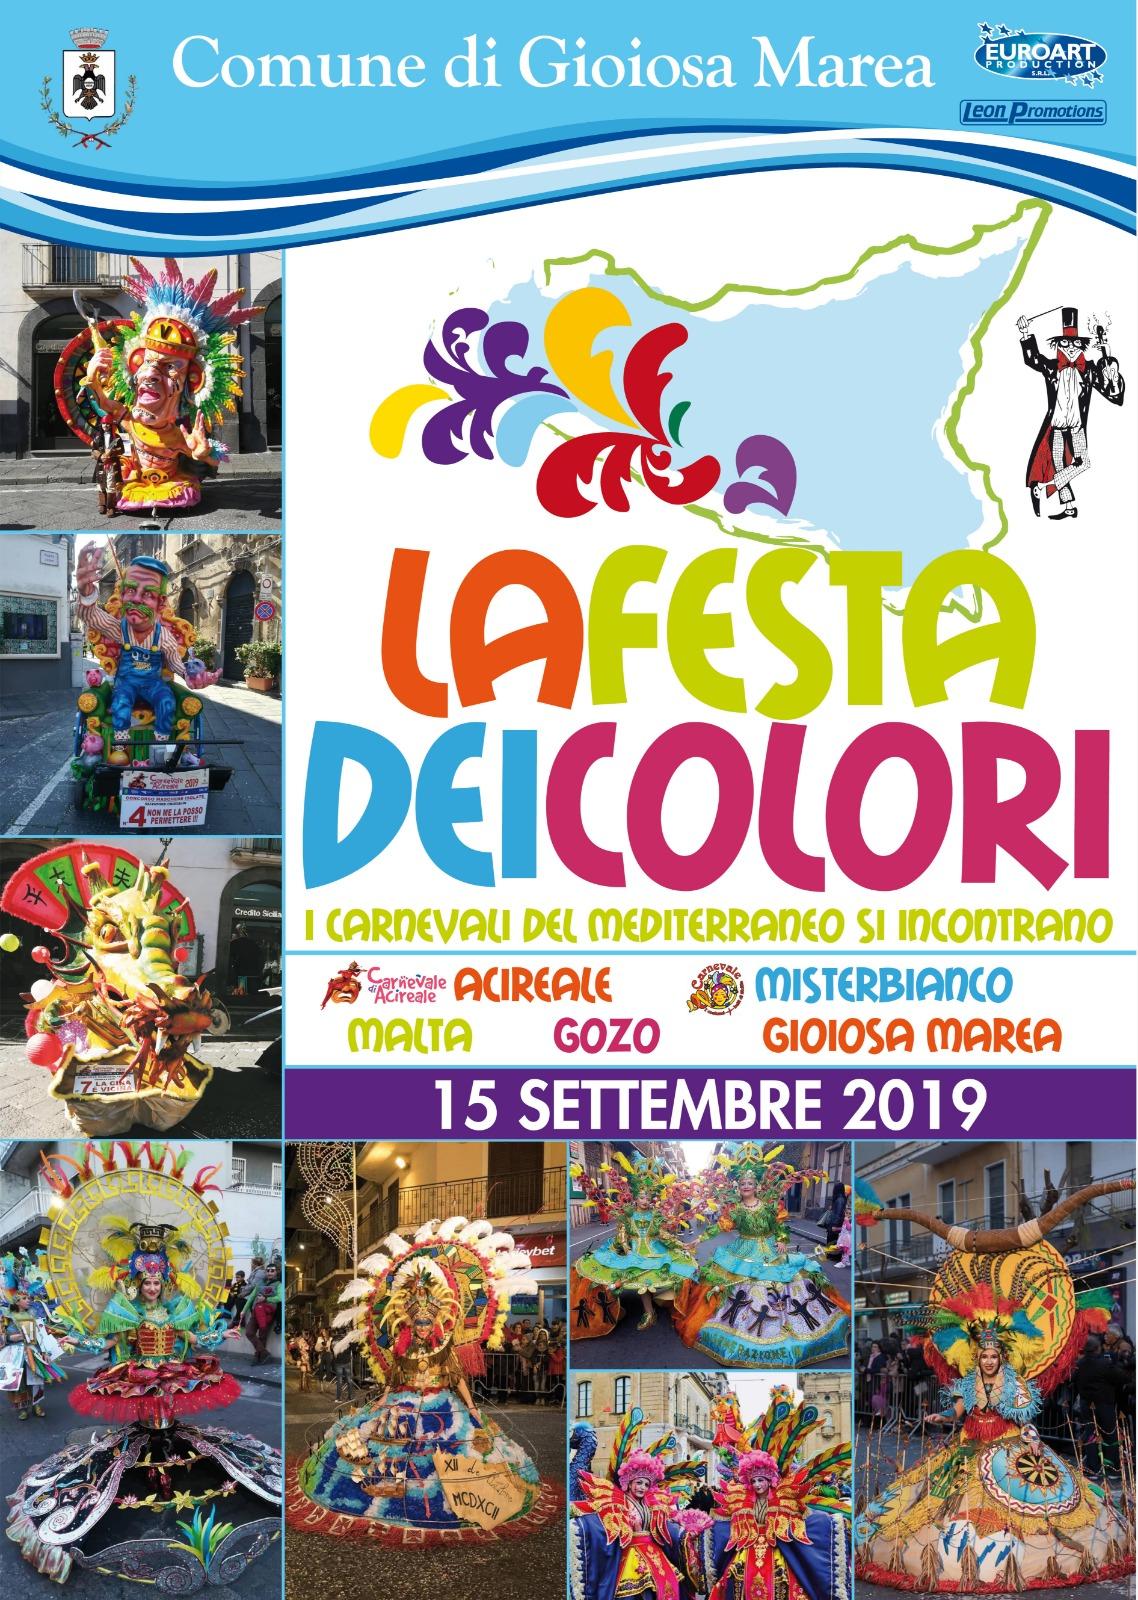 Manifesto Festa dei colori